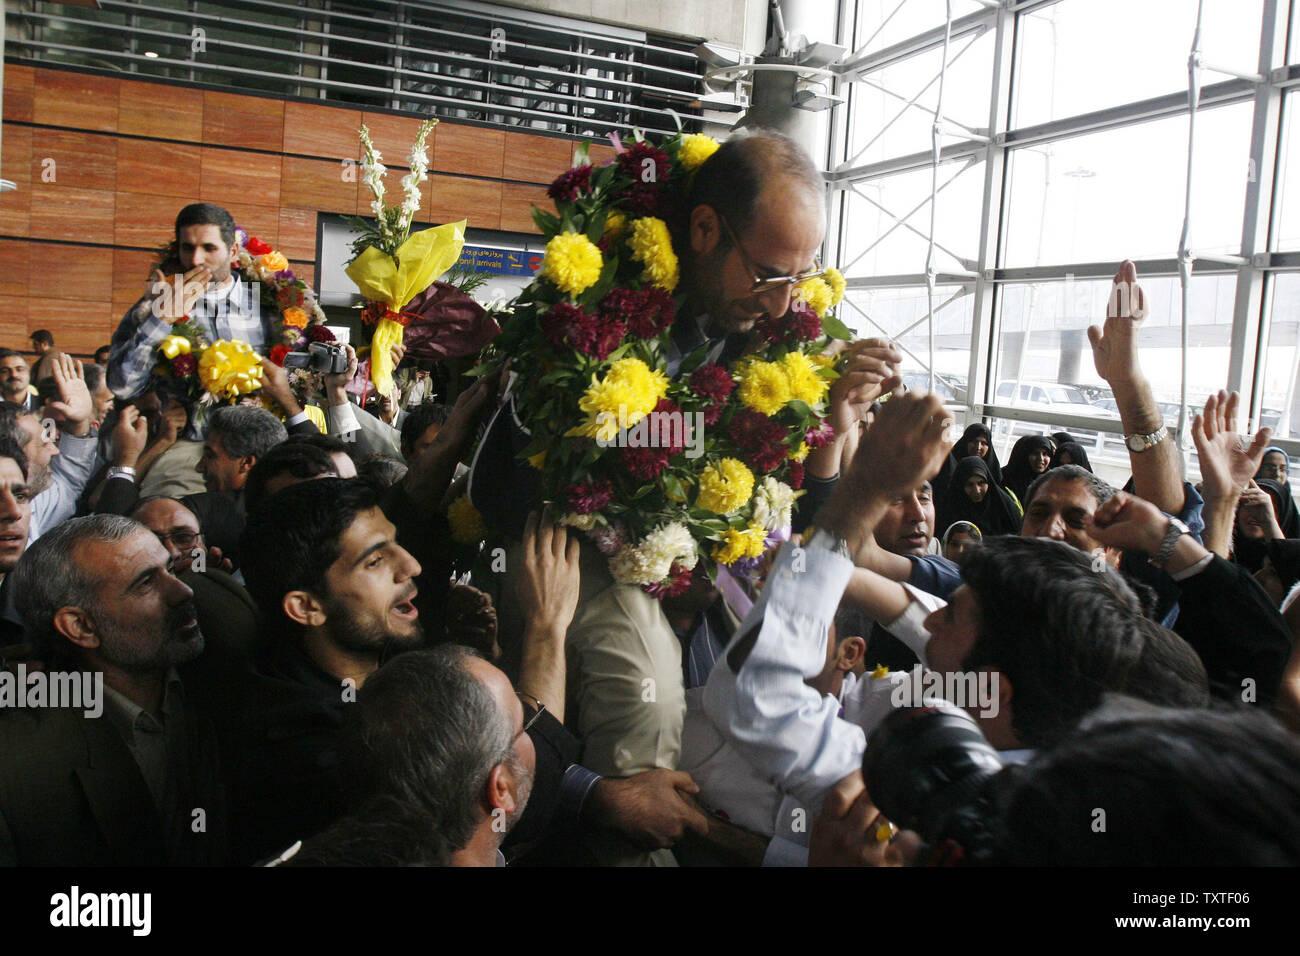 Les diplomates iraniens Hamid Reza Asghari (L) et Moussa Chegini (R), qui ont été arrêtés dans la ville irakienne d'Erbil sont accueillis par ses partisans et des membres de la famille à l'aéroport Imam Khomeiny à Téhéran, Iran, le 11 novembre 2007. Neuf iraniens, y compris les deux diplomates ont été libérés le vendredi par les forces américaines. (Photo d'UPI/STR) Banque D'Images